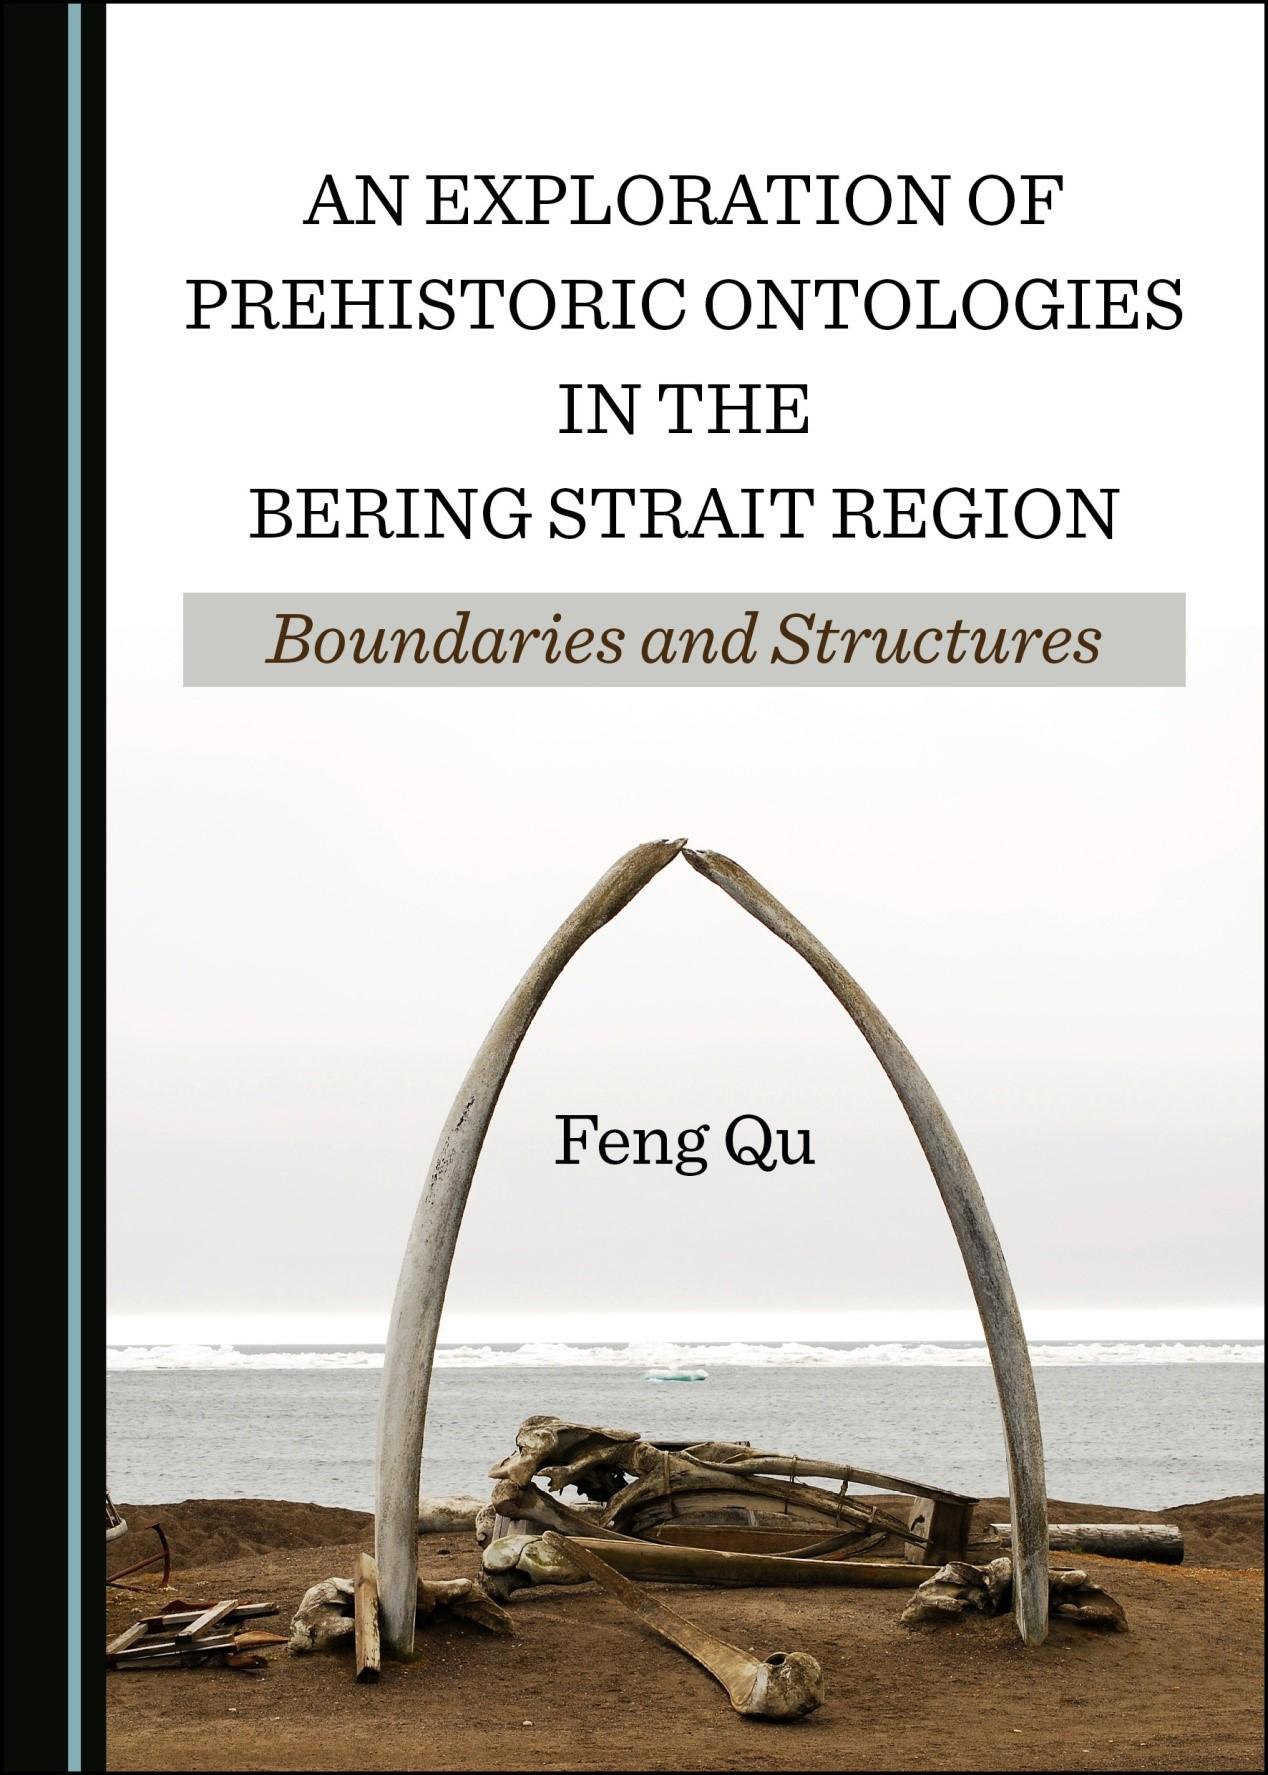 《白令海峡地区史前本体论研究》,曲枫著,剑桥学者出版社,2021年版,254页